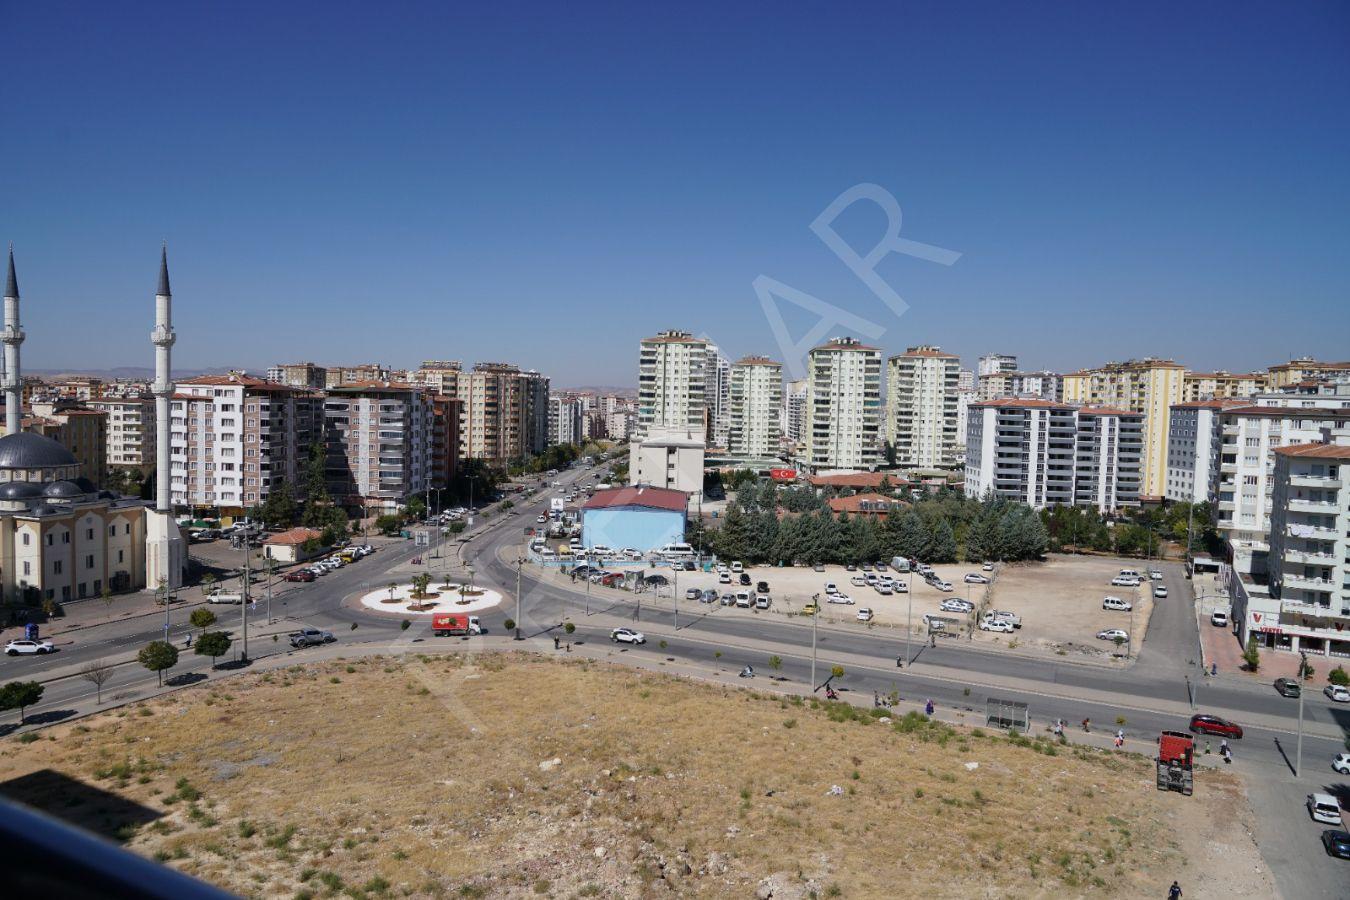 Premar İbrahimli Volkan Sünbül'den Şahintepe Mah. Satılık 3+1 Daire